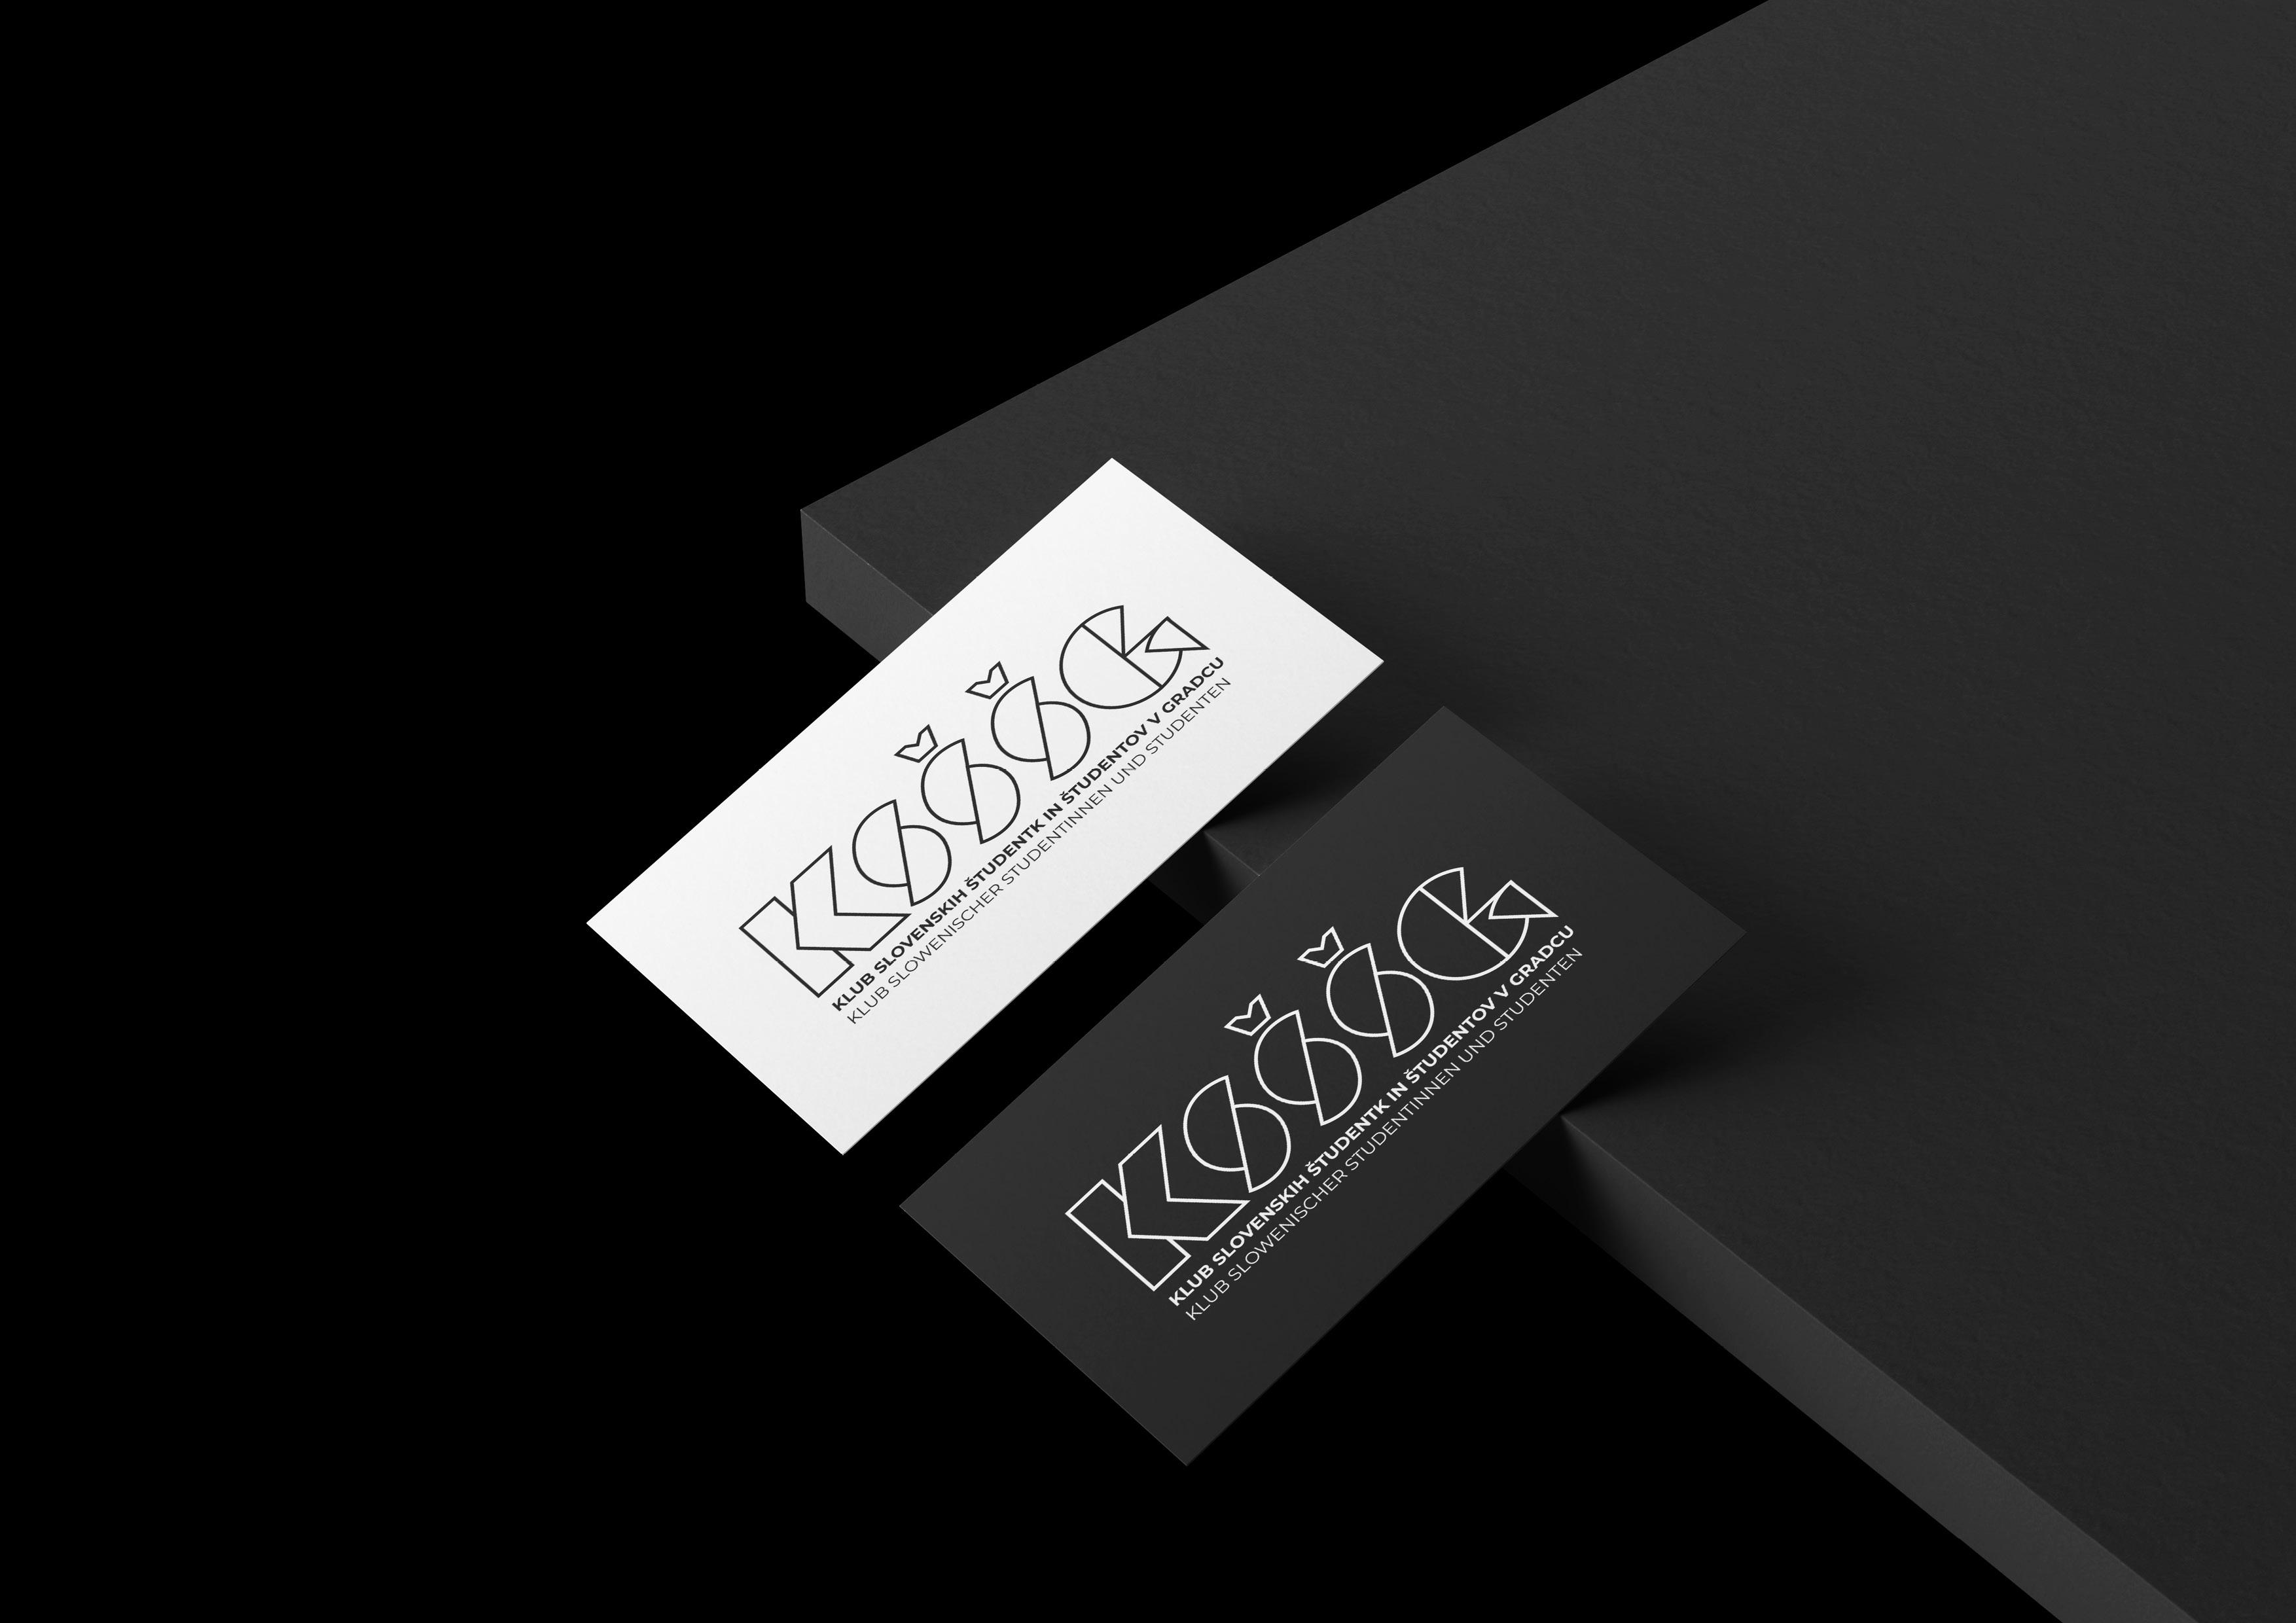 Klub-Gradec-2019-Logo-